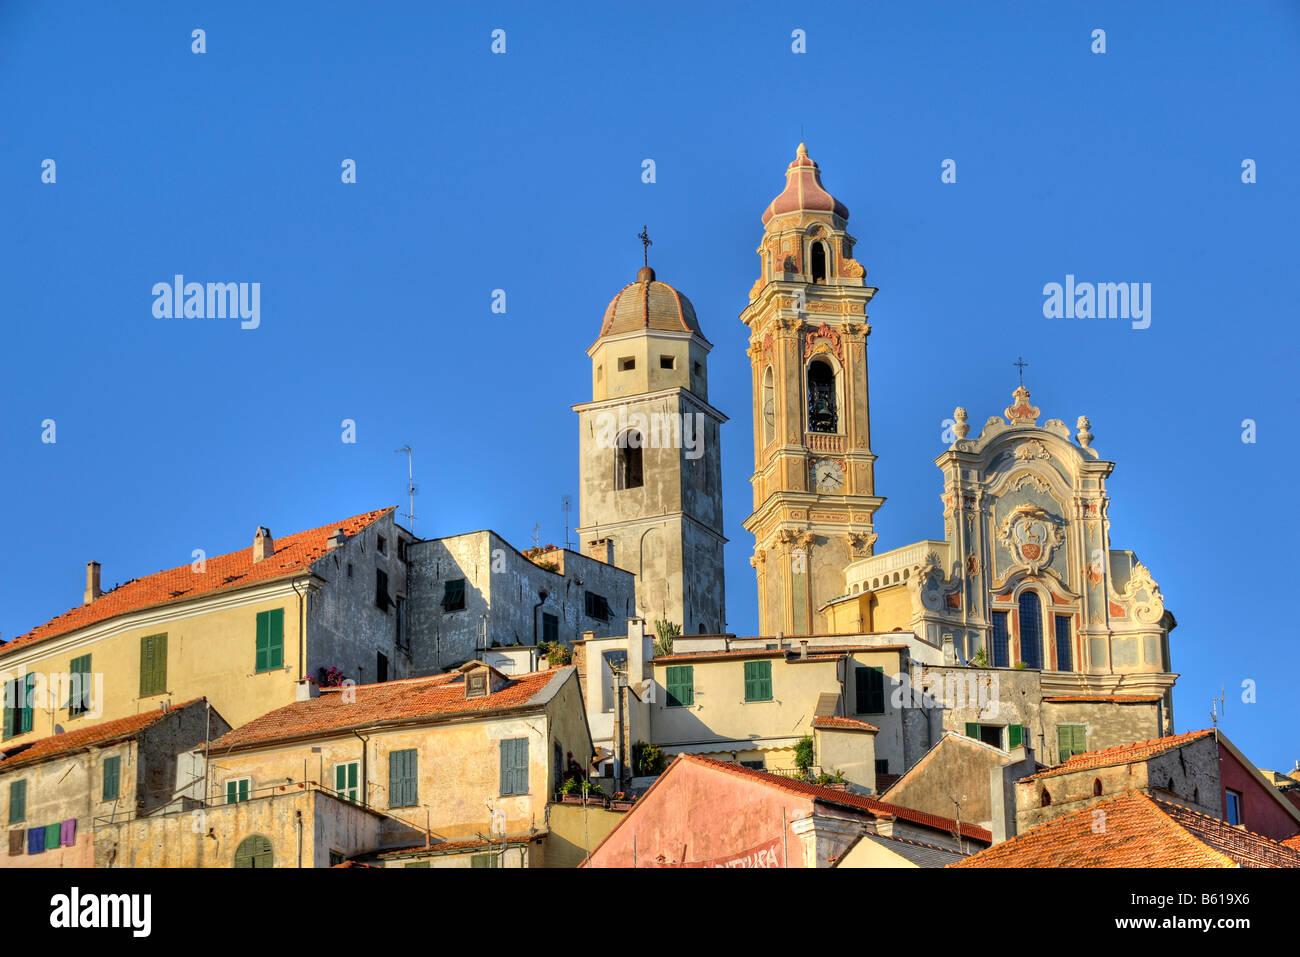 Cervo with the parish church of San Giovanni Battista, Riviera dei Fiori, Liguria, Italy, Europe Stock Photo